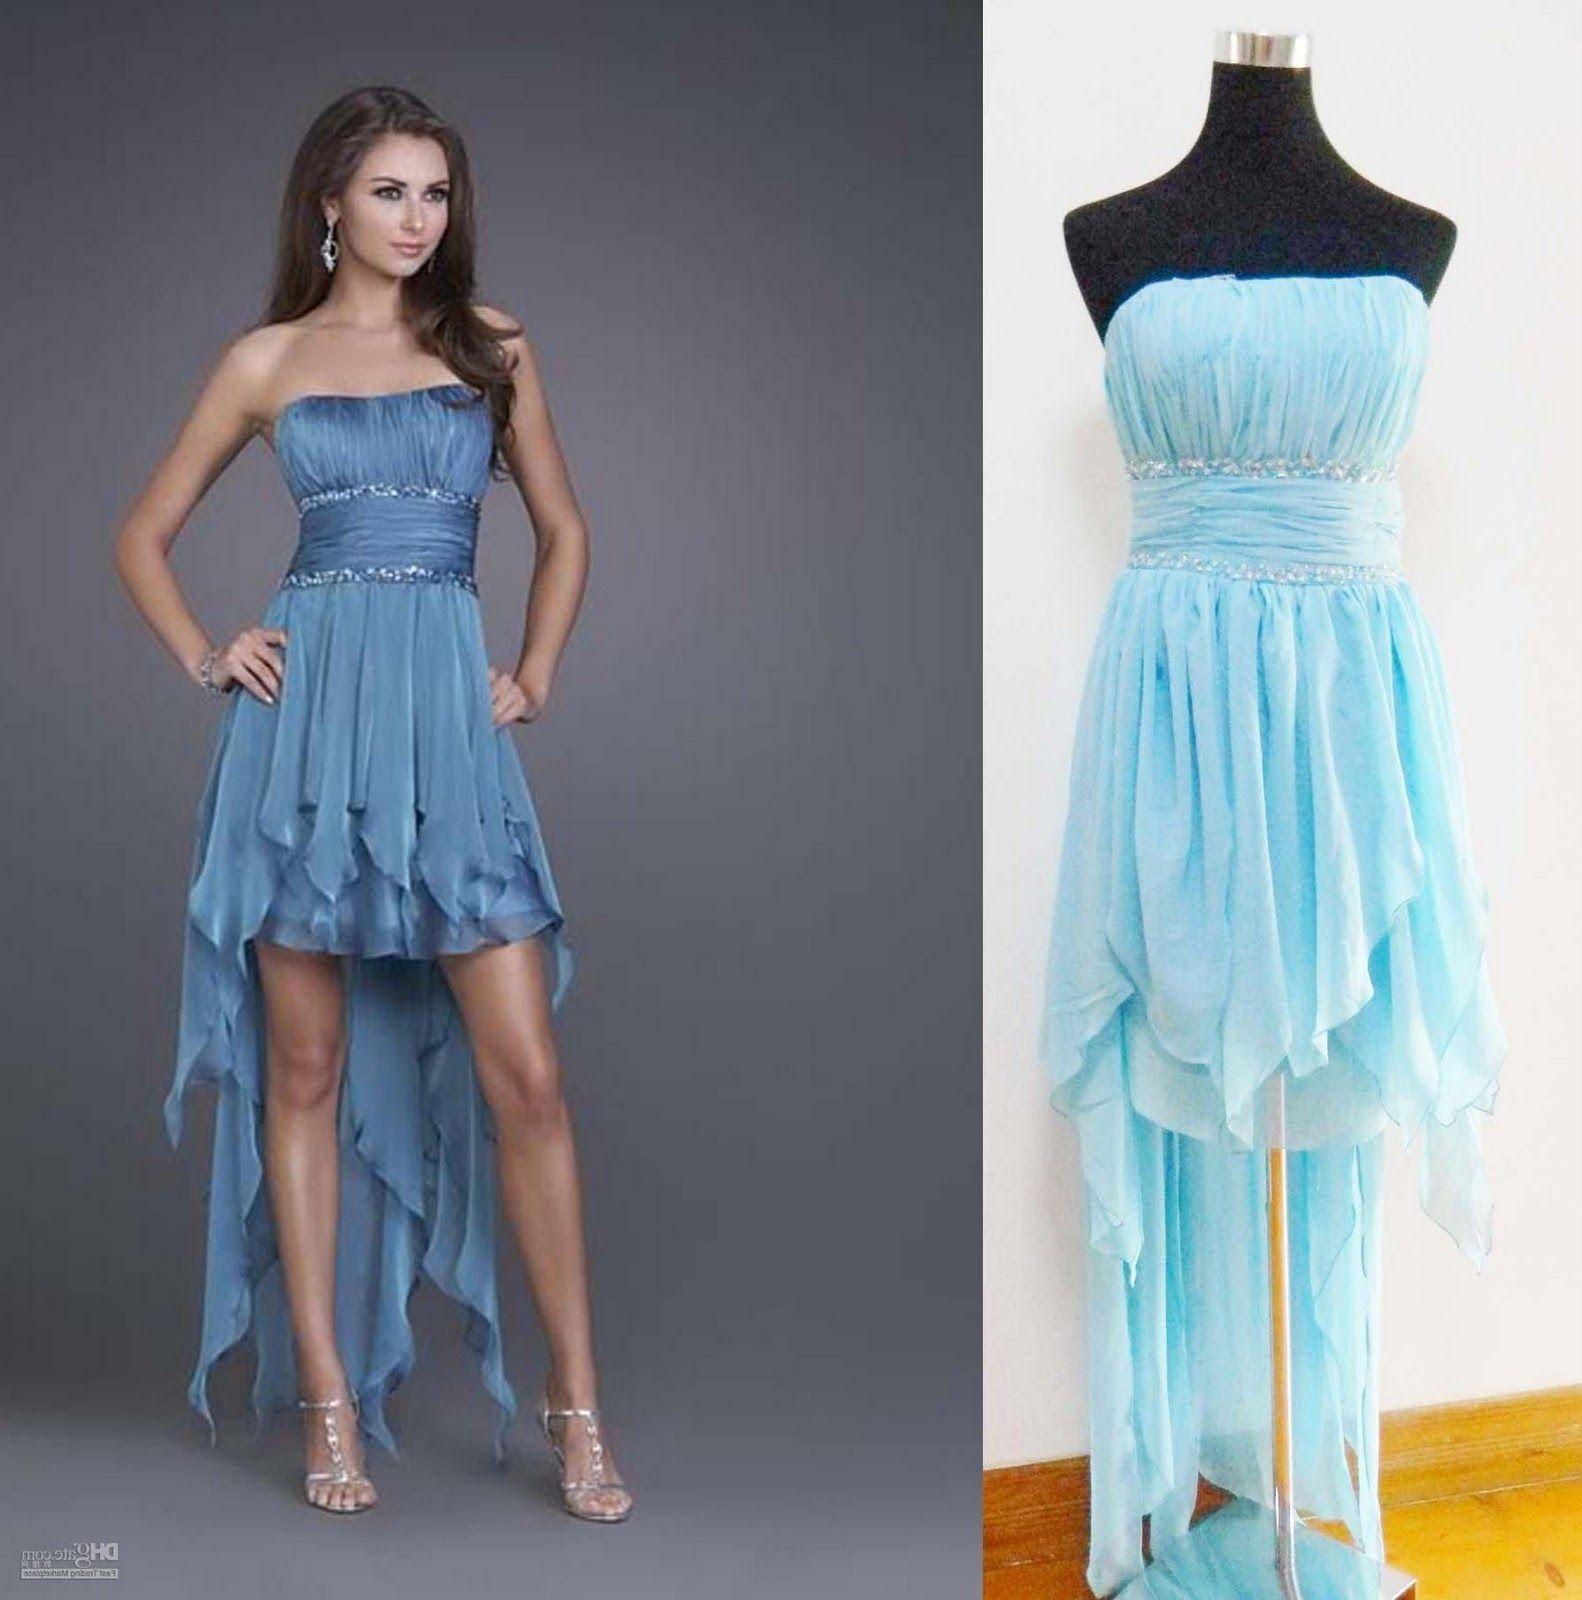 pirate wedding dress | Factory Sale handmade Evening dress wedding ...